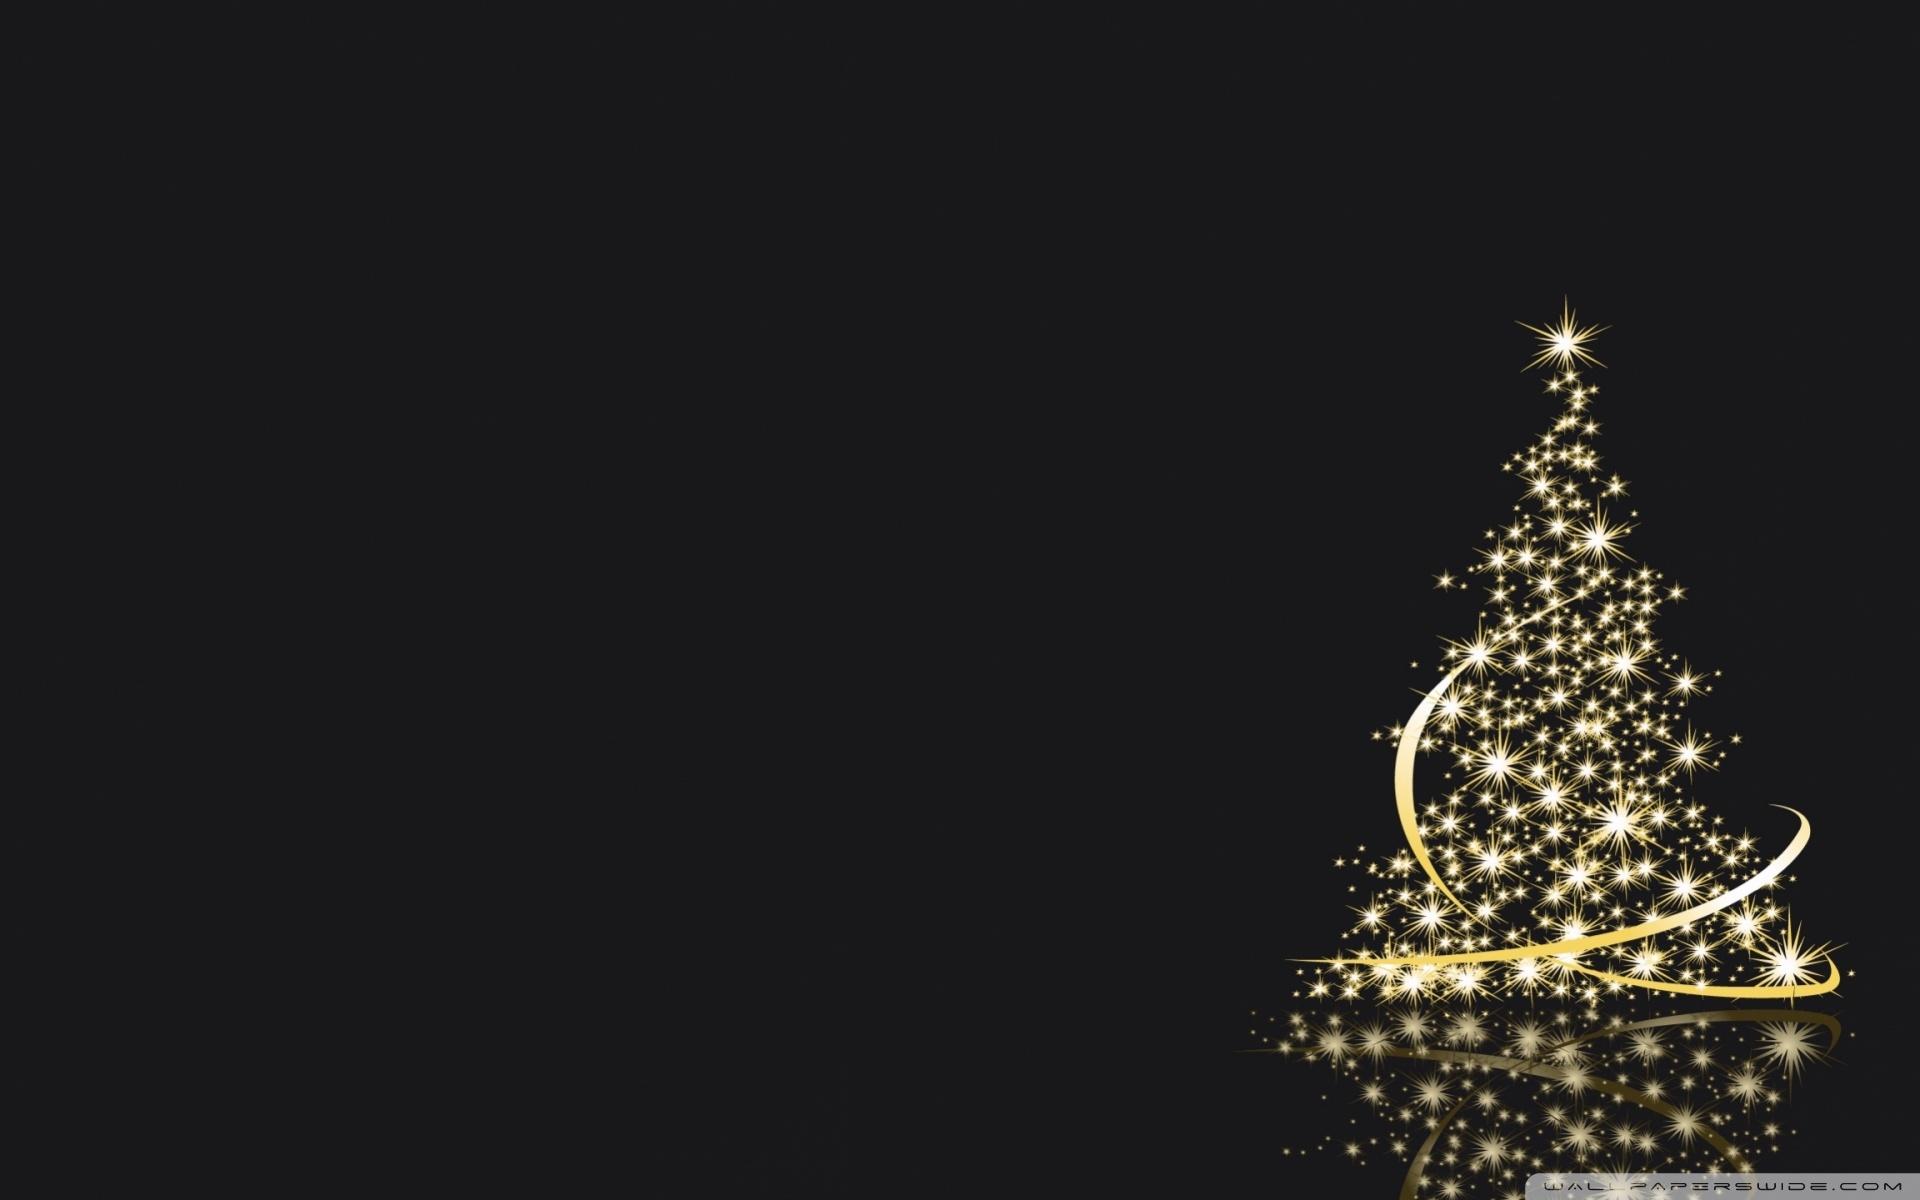 Abstract Christmas Tree   Christmas Wallpaper 6000   HD 1920x1200